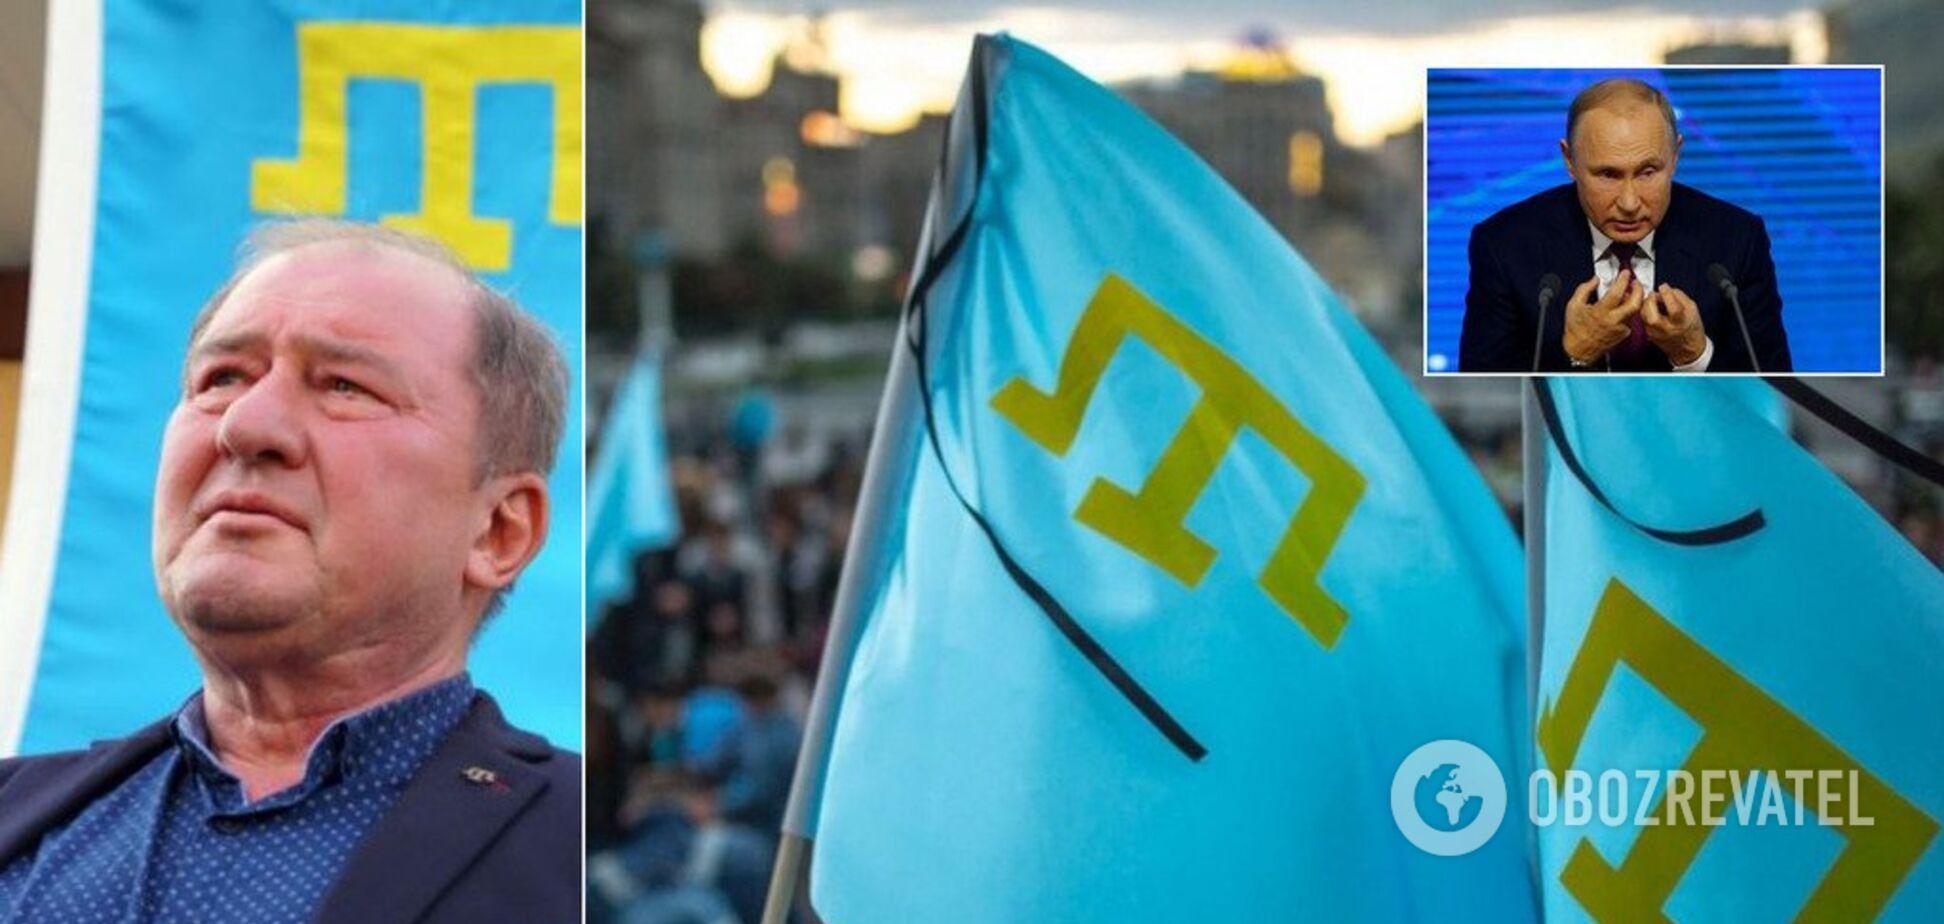 Путін хоче викорінити кримських татар, але ми йому не дозволимо — Умеров